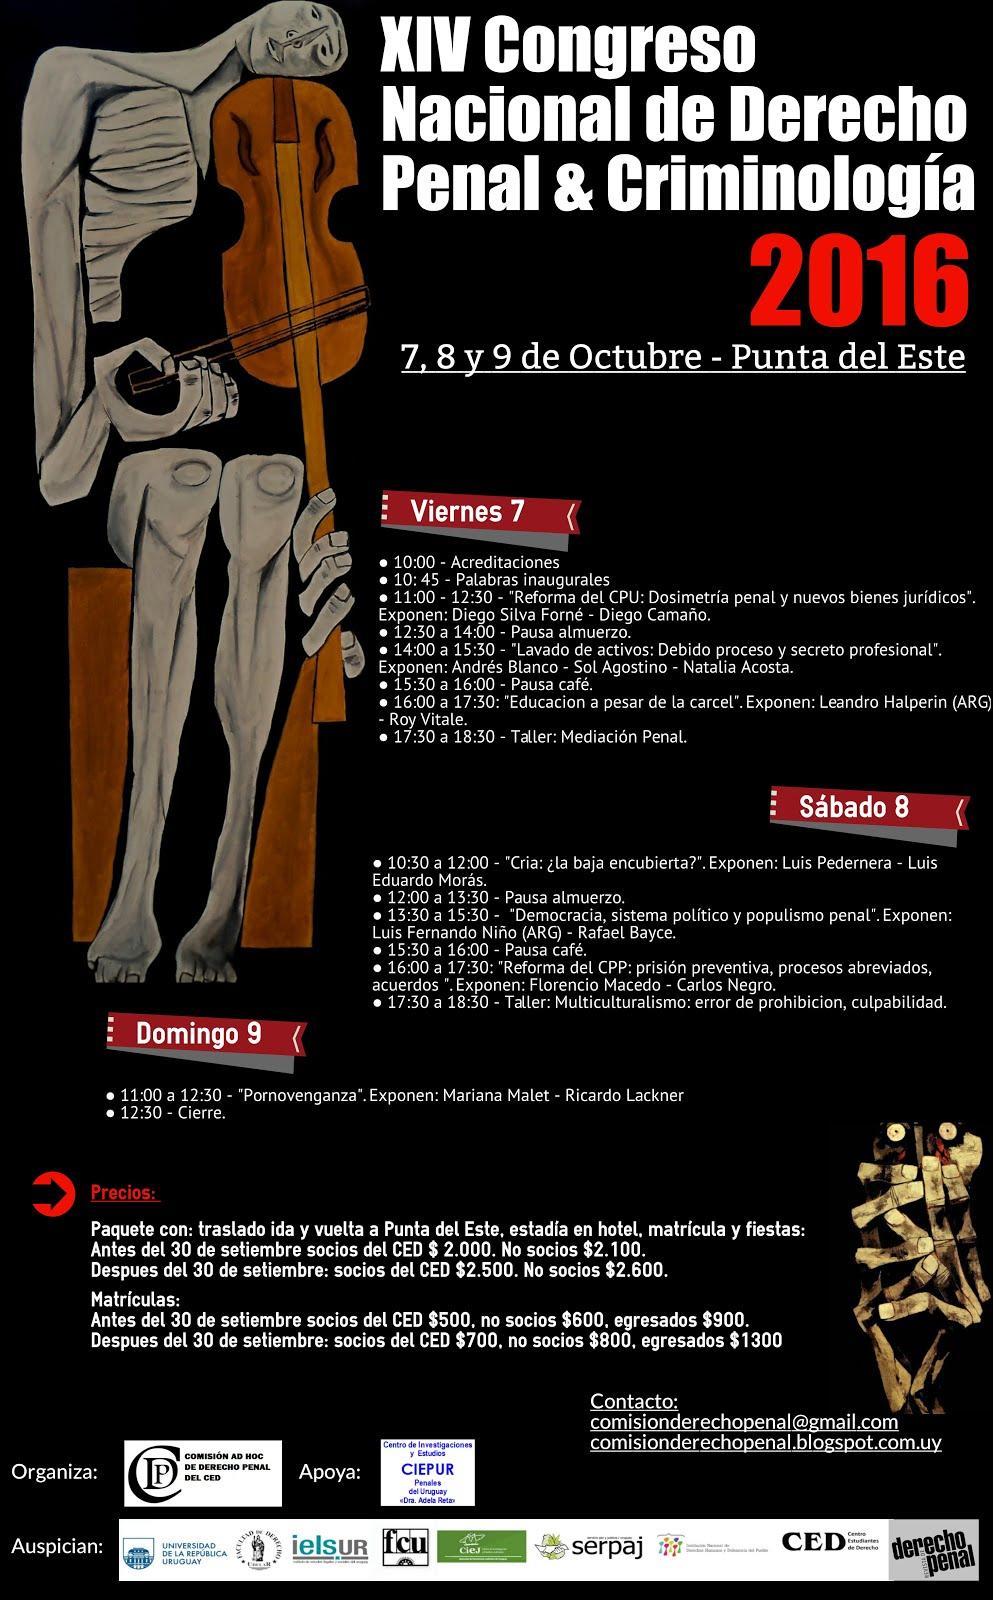 XIV Congreso Nacional Derecho Penal & Criminología 2016